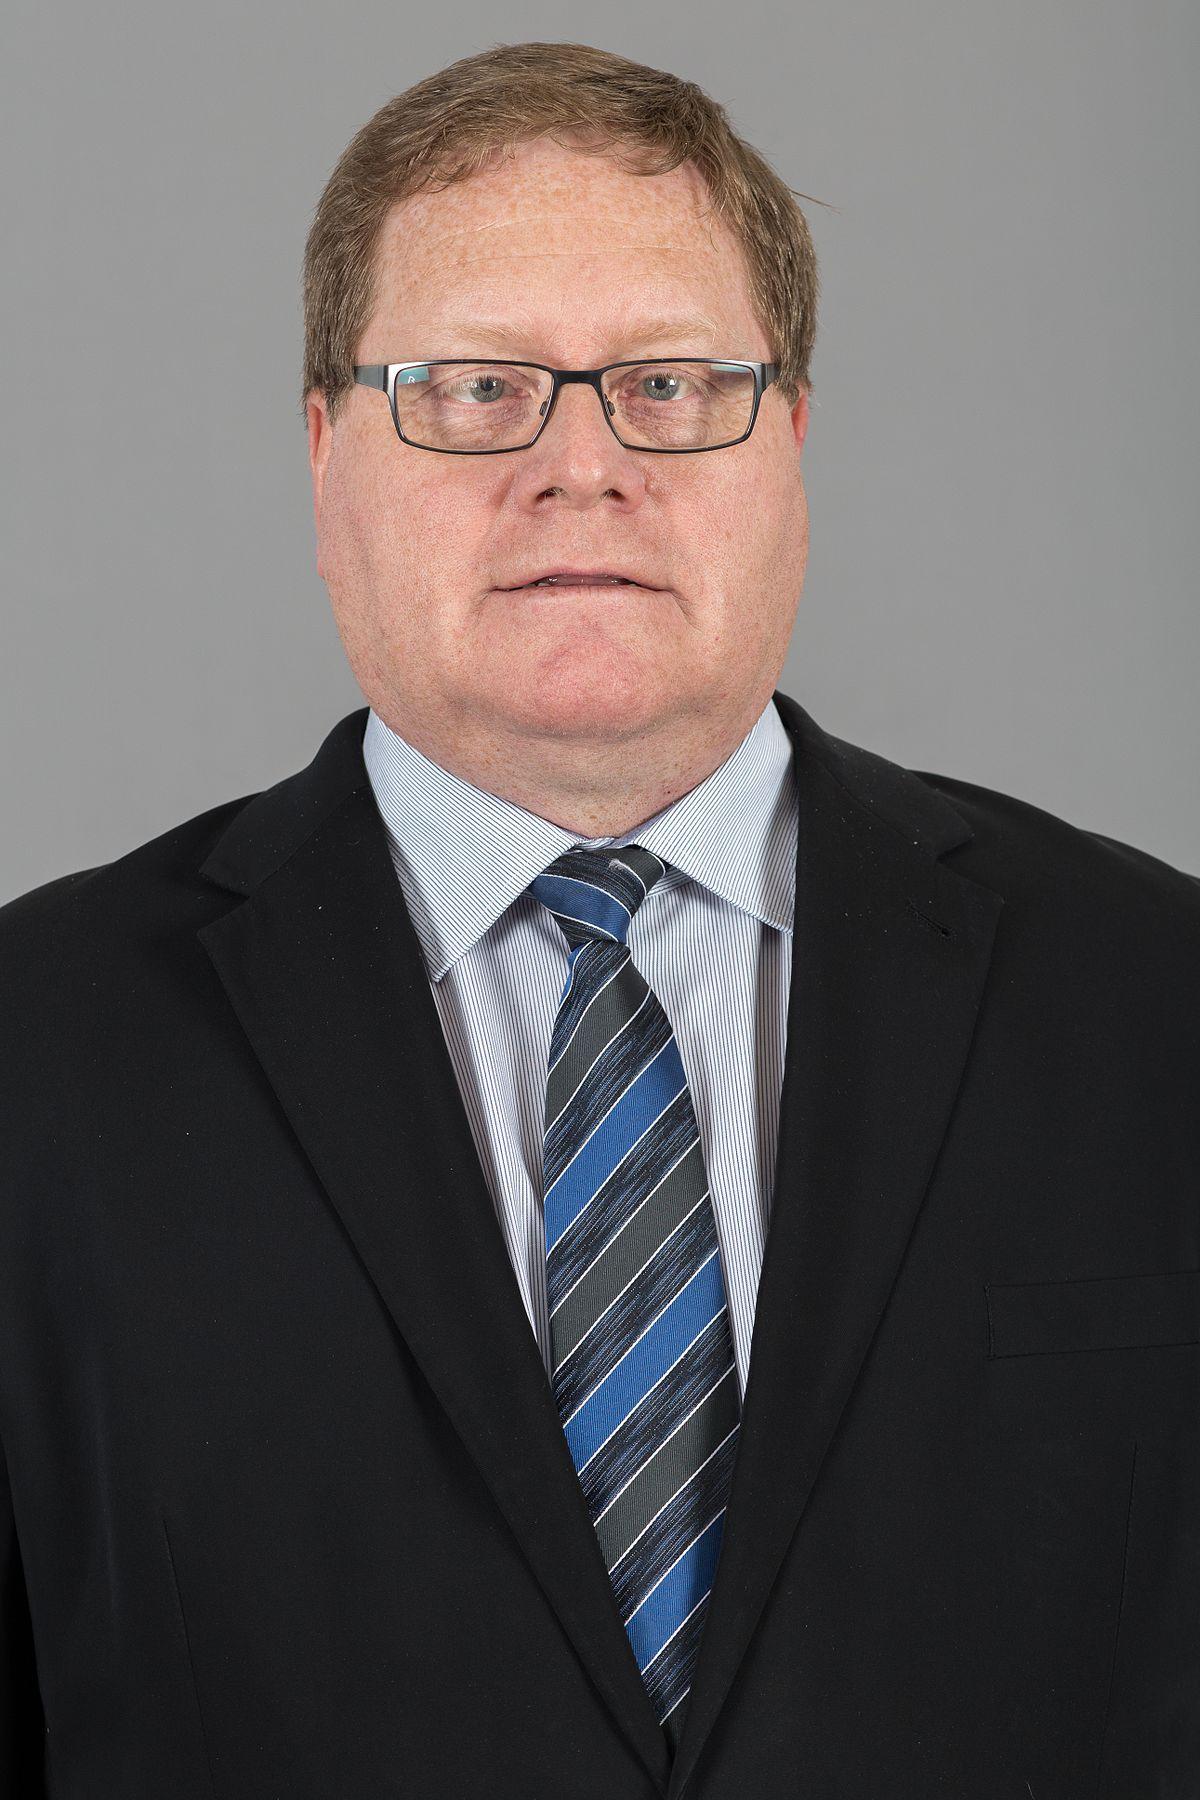 Jörg Henke